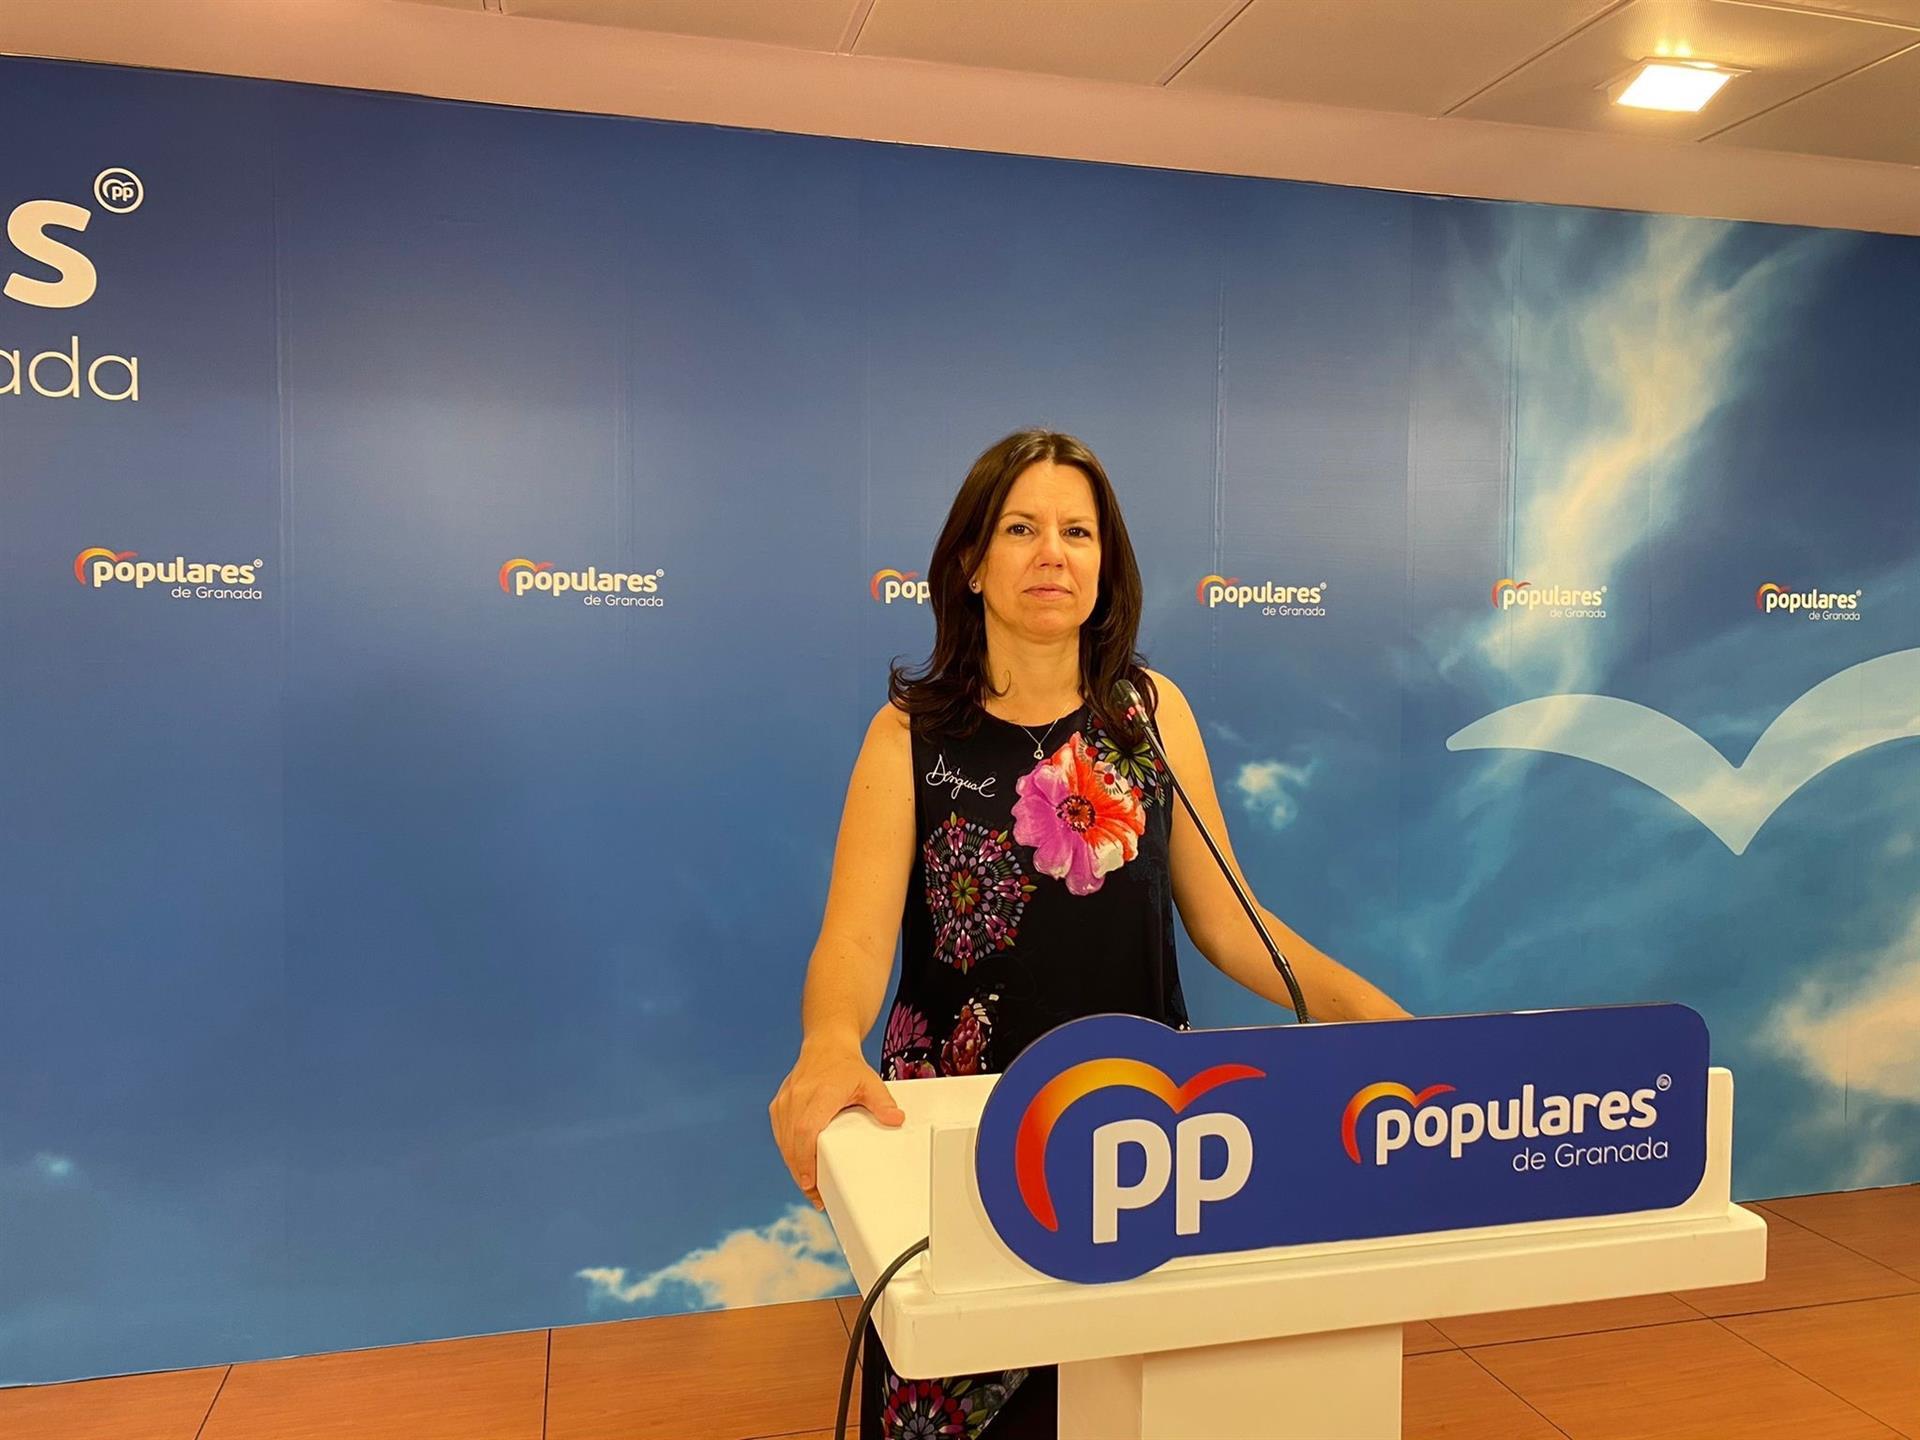 El PP enmarca la Ley de Infancia y Adolescencia en la agenda de «reformas profundas» de Juanma Moreno